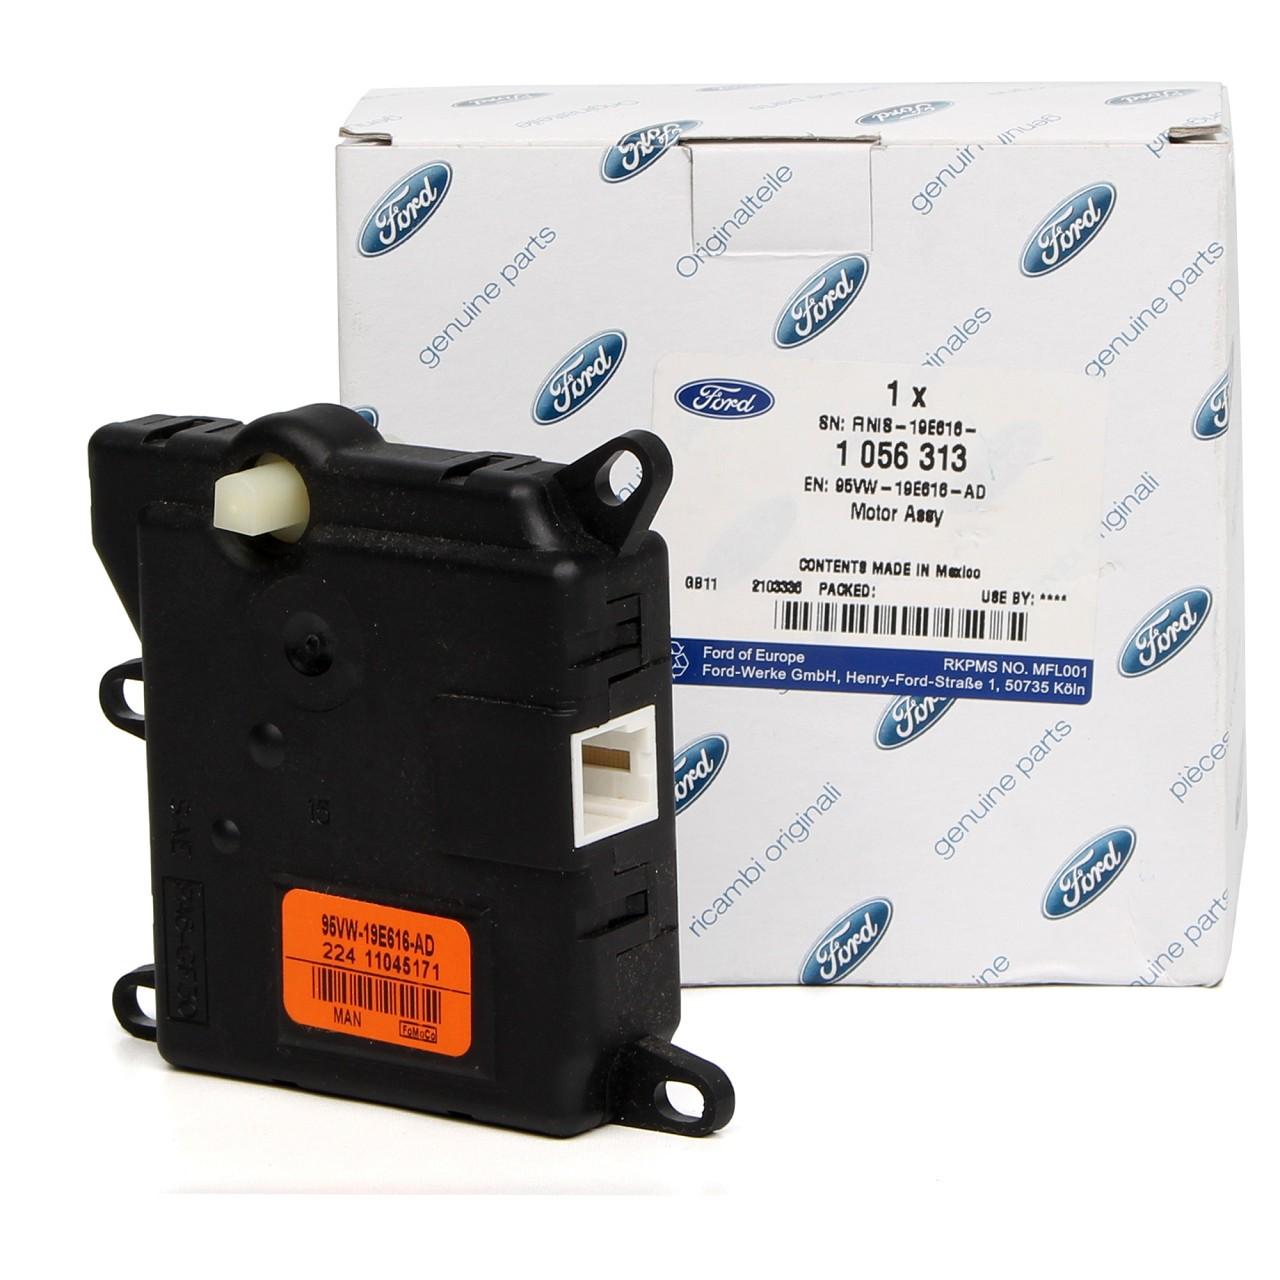 ORIGINAL Ford Stellmotor Gebläse Temperaturregler TRANSIT 1994-2014 1056313